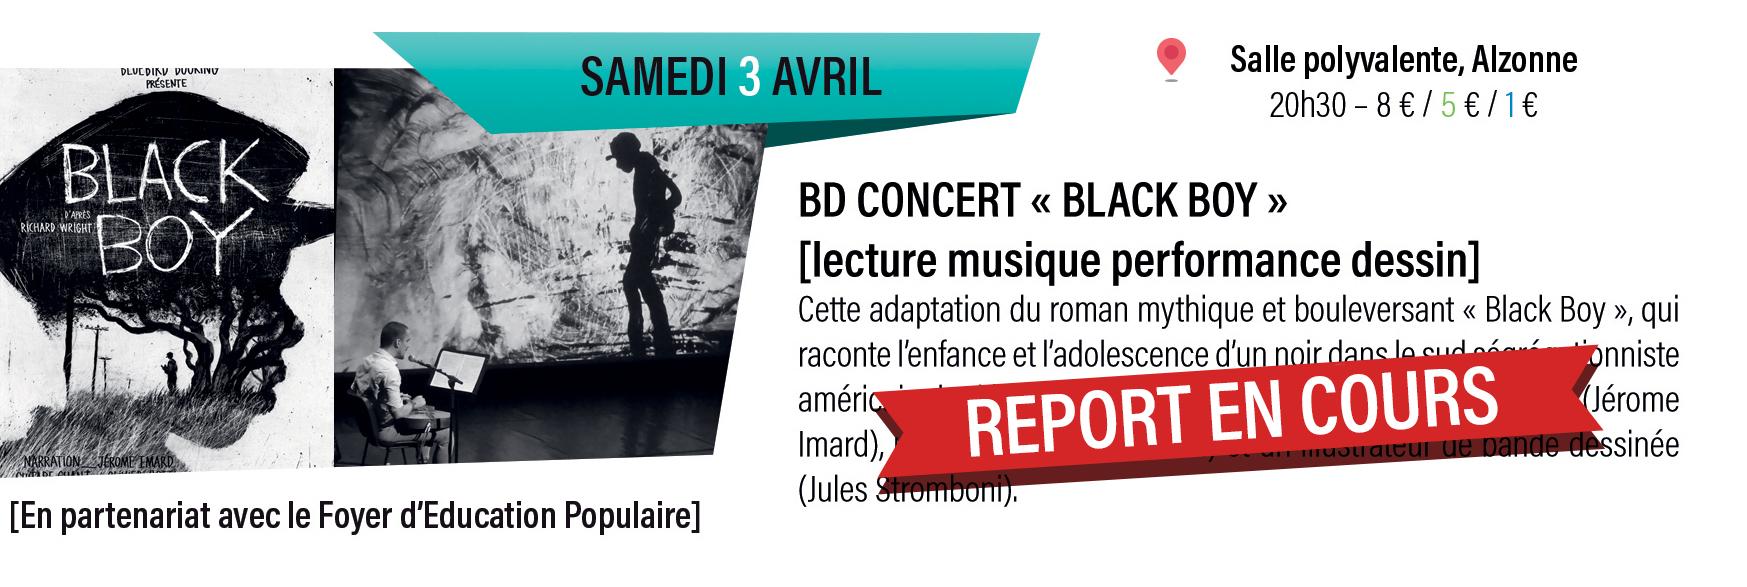 """BD concert """" black boy """" : lecture musique performance dessin"""